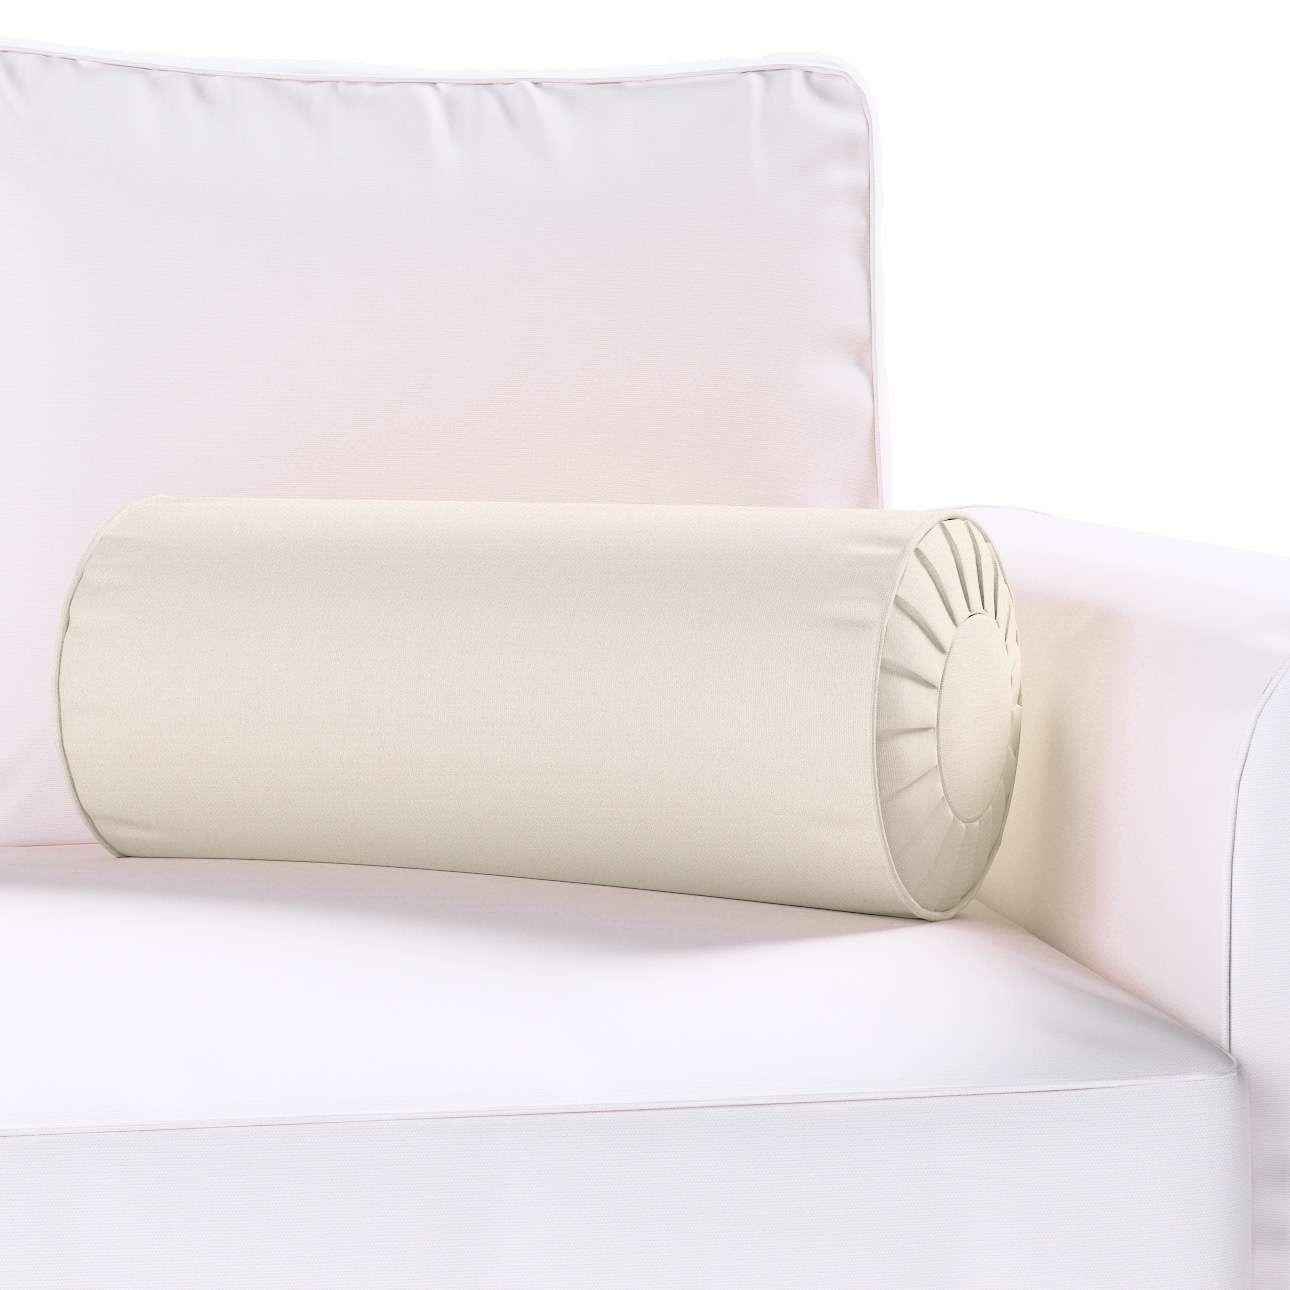 Wałek z zakładkami Ø 20 x 50 cm w kolekcji Cotton Panama, tkanina: 702-31